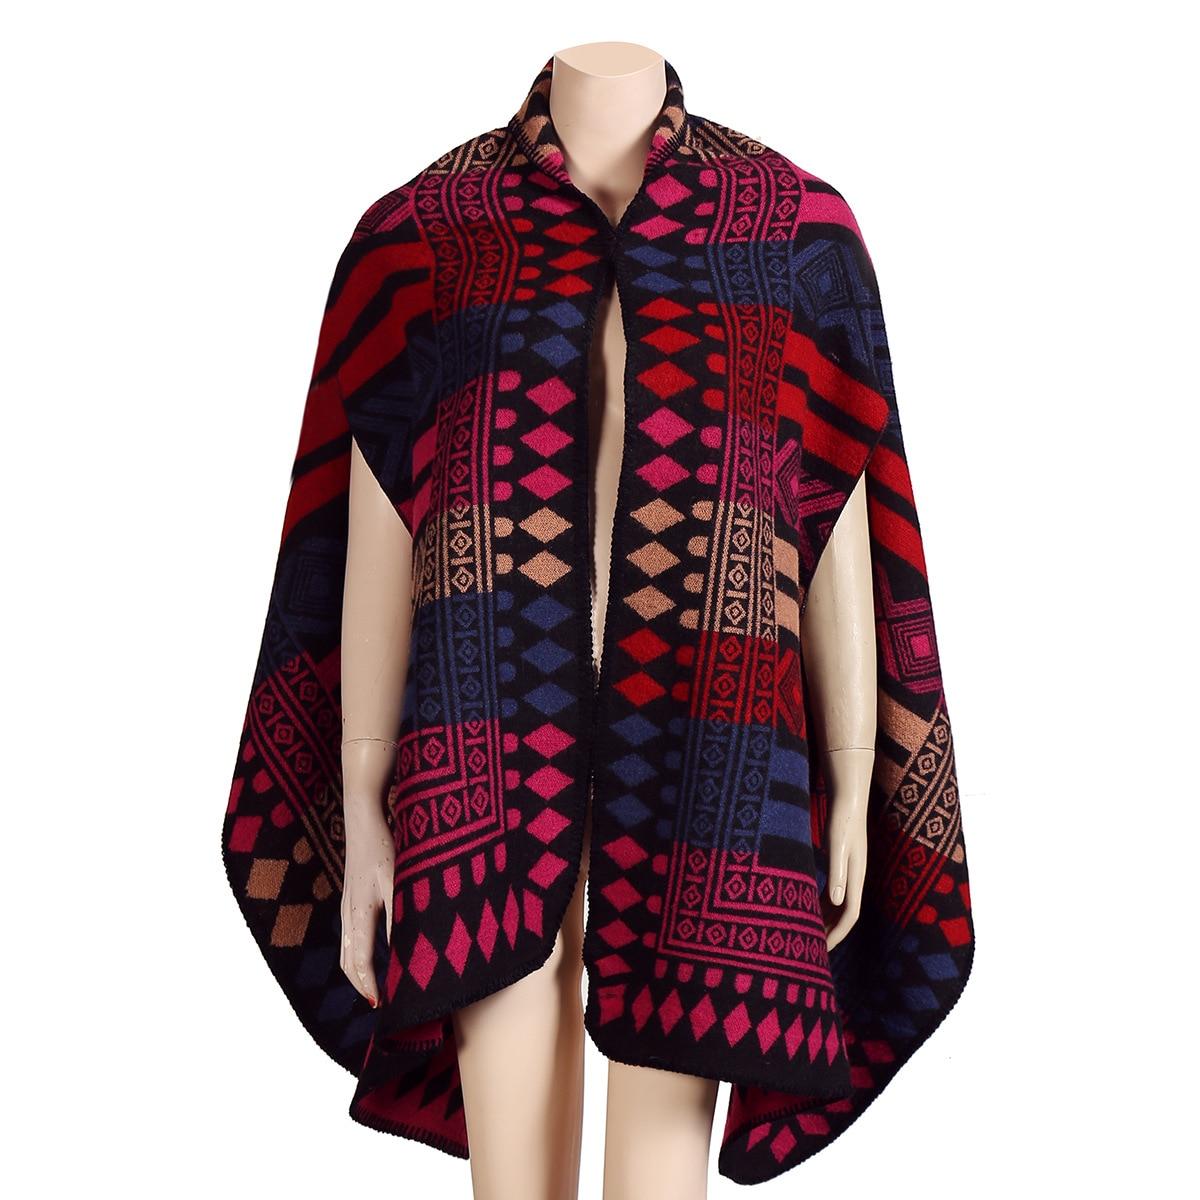 Новинка, роскошный брендовый женский зимний шарф, теплая шаль, женское Клетчатое одеяло, вязанное кашемировое пончо, накидки для женщин, echarpe - Цвет: Diamondlatticeblack